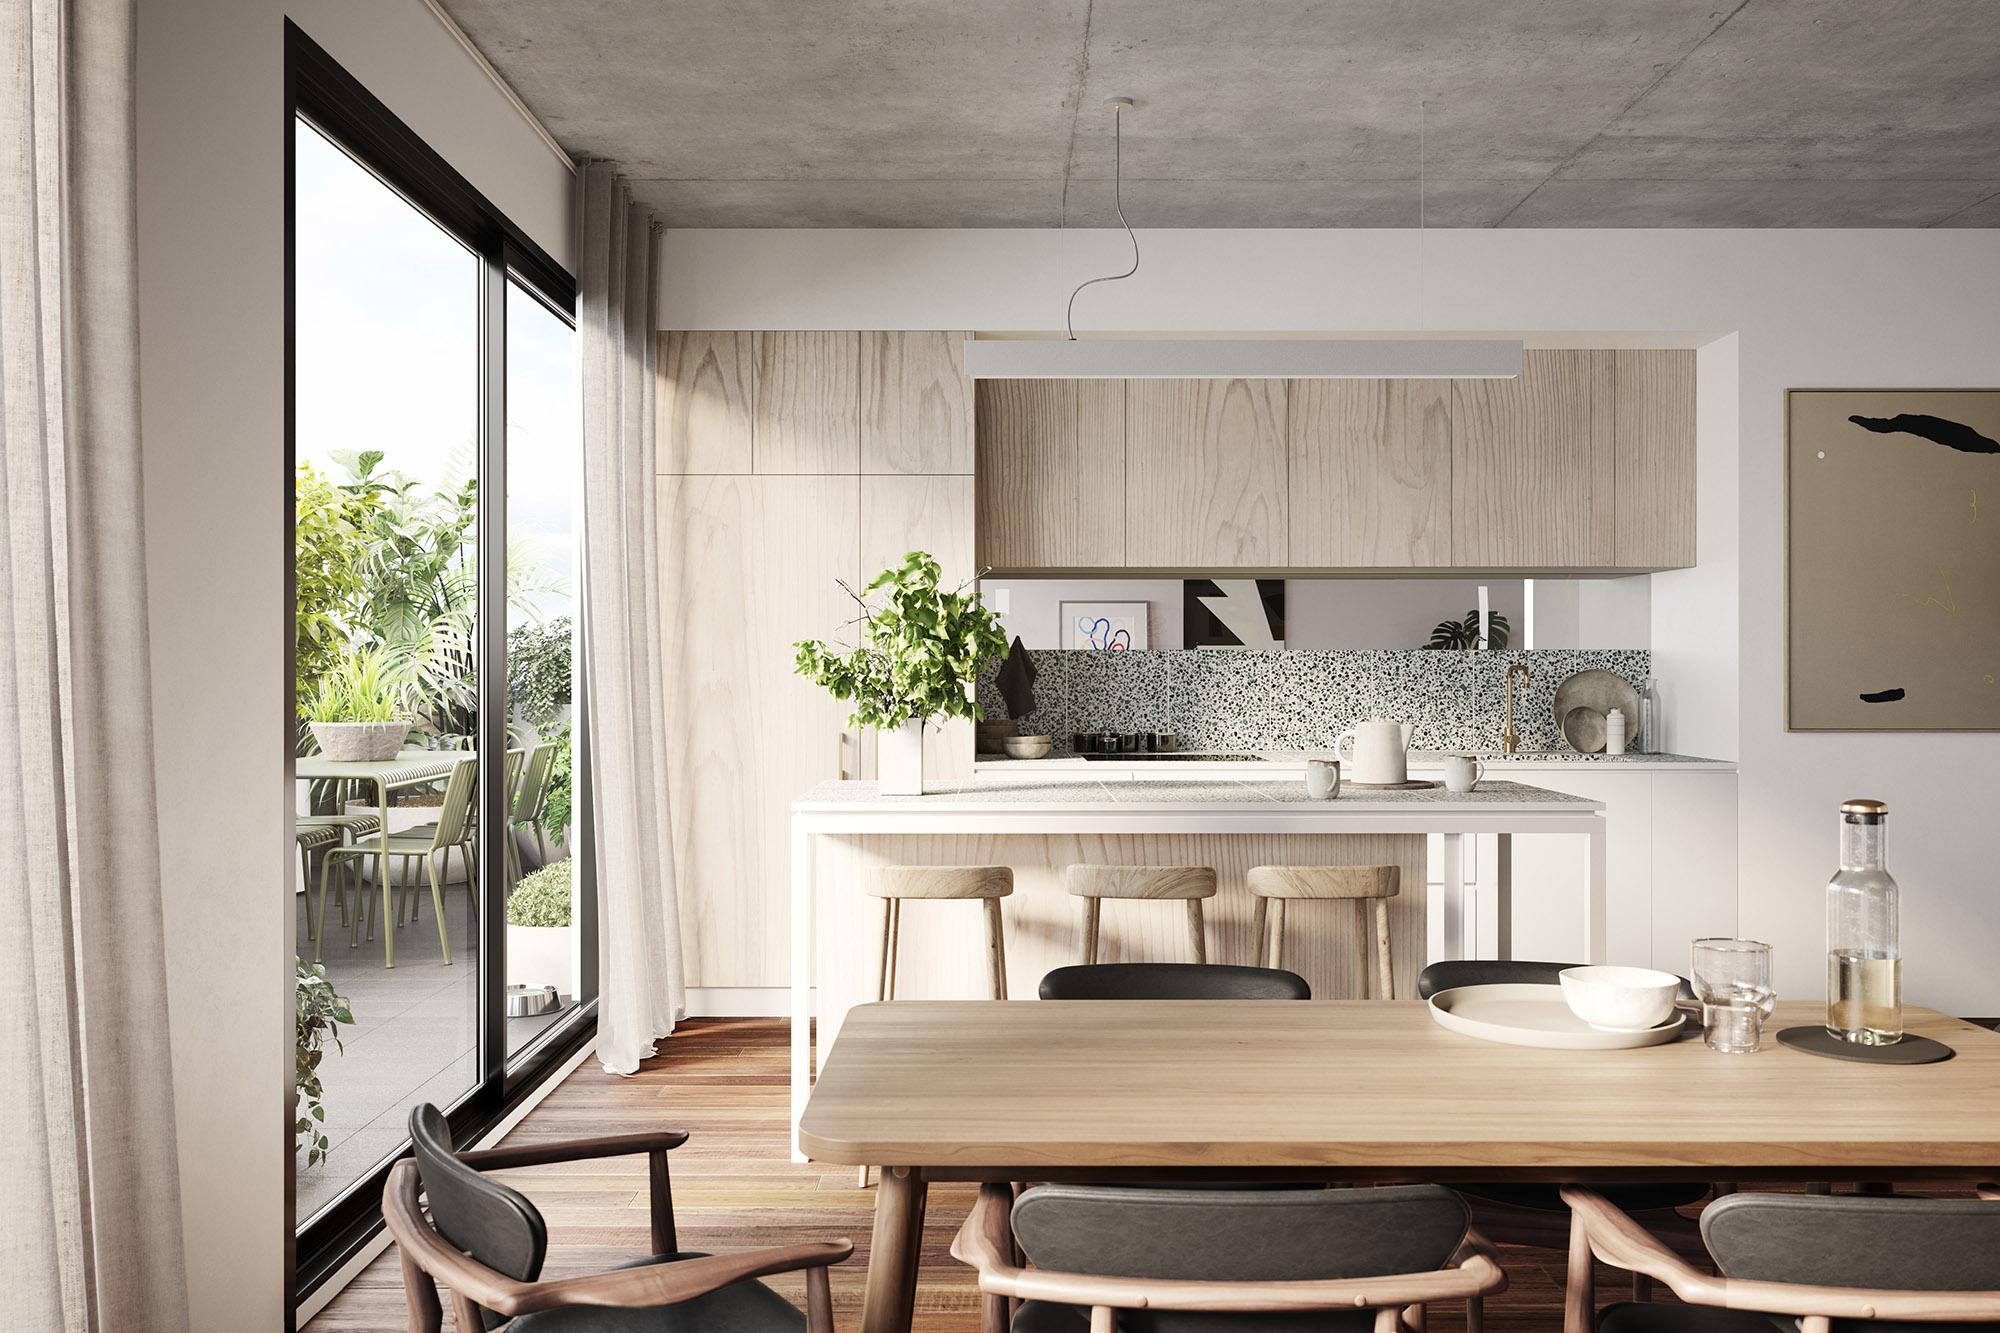 180410_Interior_Kitchen_00_LR.jpg